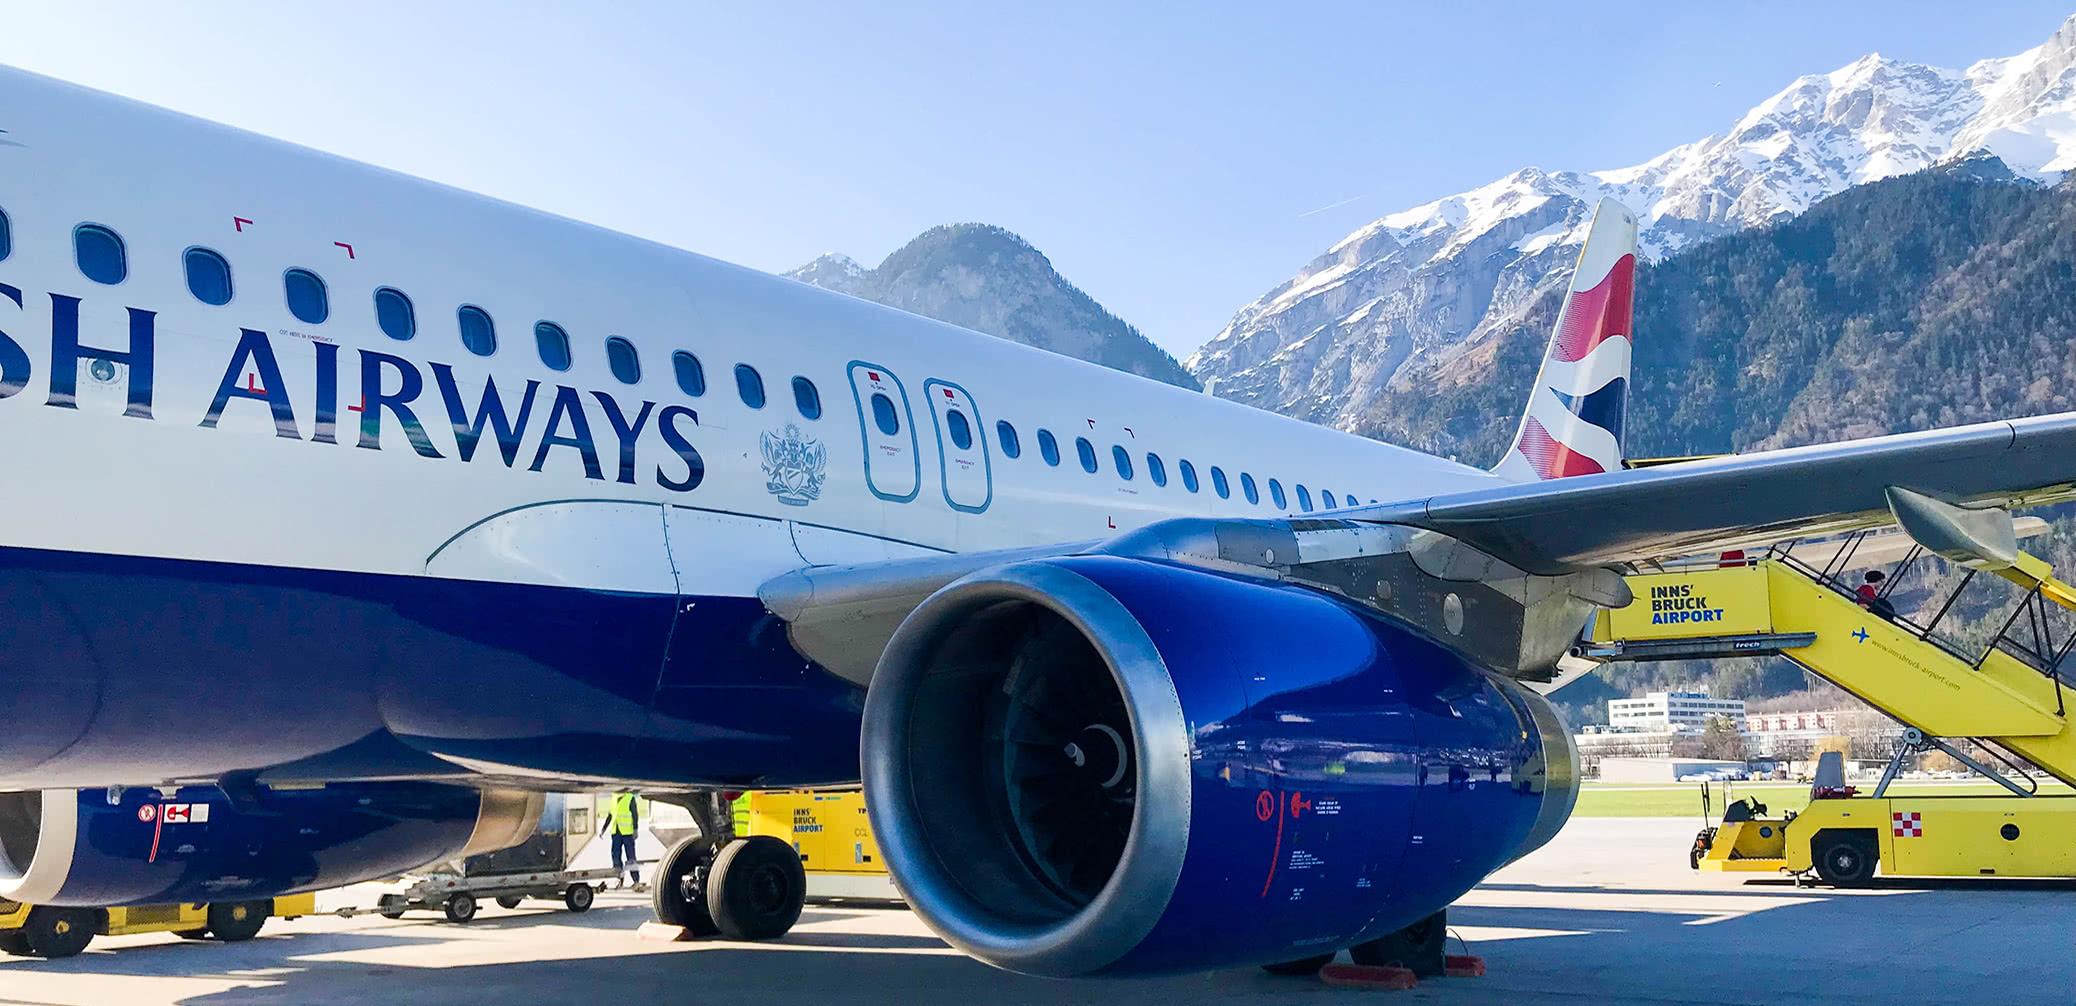 Top 10 Best Ski Hotels Near Innsbruck Airport